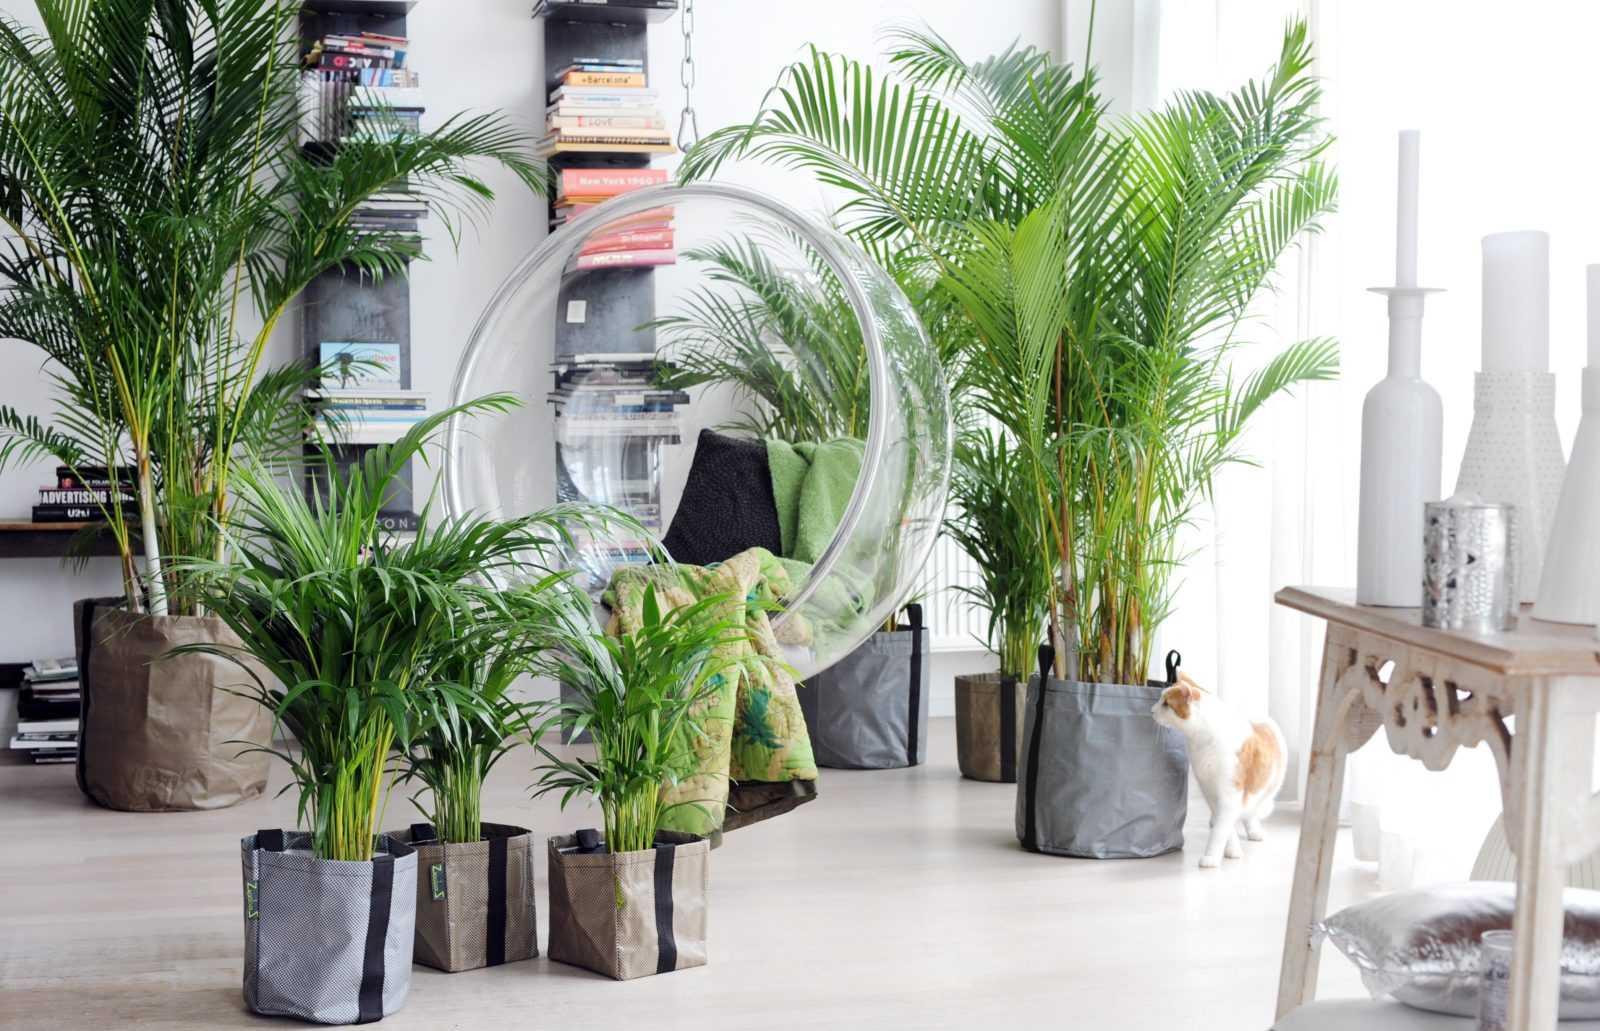 komnatnaya-palma-foto-video-vidy-palm-nazvanie-i-opisanie-rasteniya-6